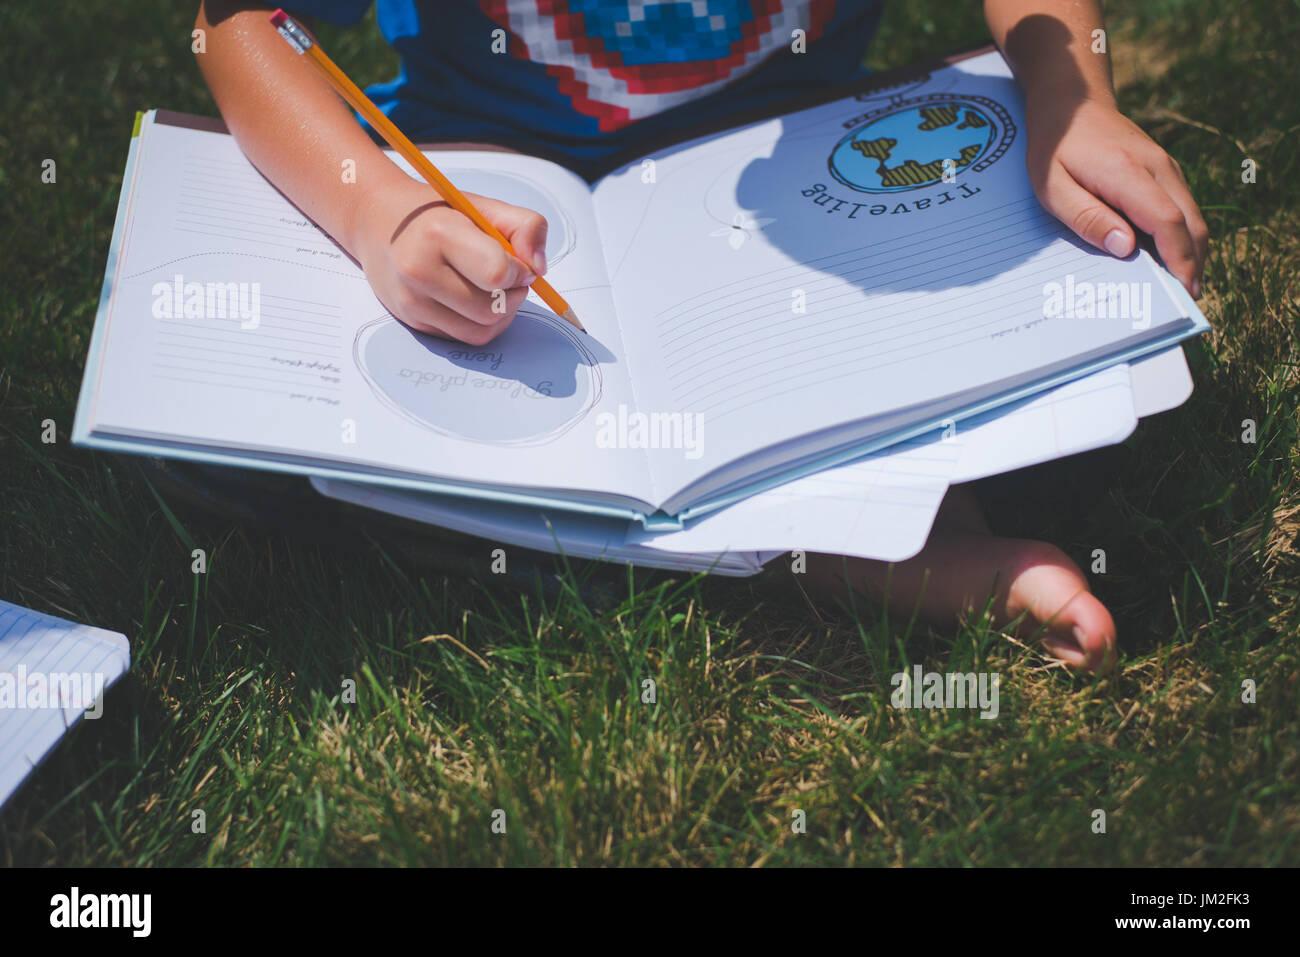 Un joven escribe en un cuaderno de aprendizaje para la educación escolar de vuelta a la escuela. Imagen De Stock